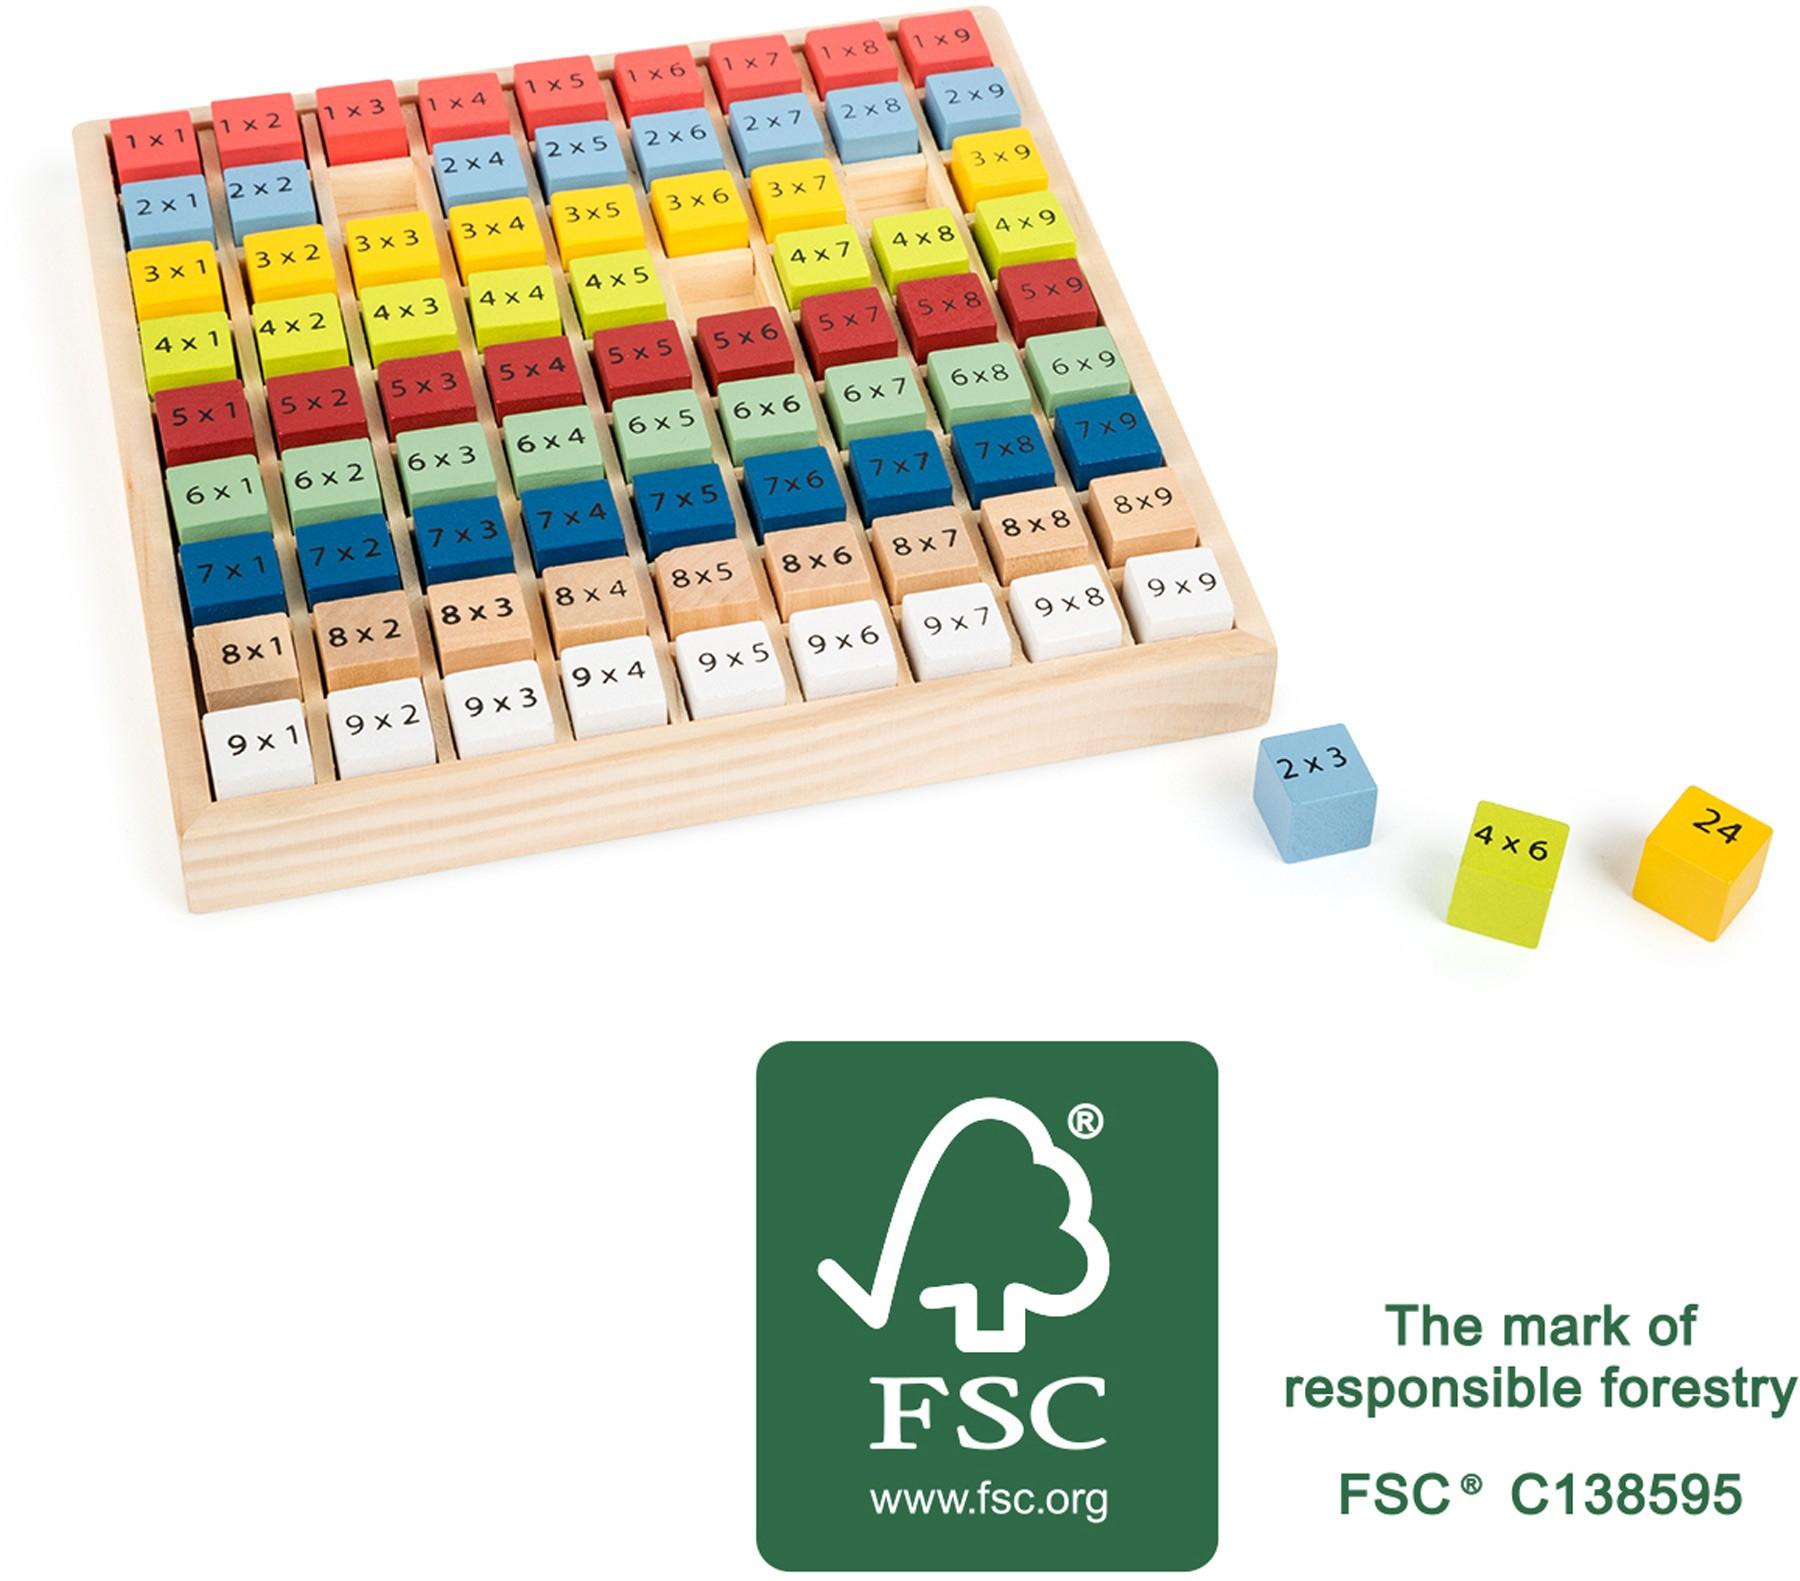 """Jeu Éducatif """"table De Multiplication"""" - Pingouin À Roulettes dedans Jeux Educatif Table De Multiplication"""